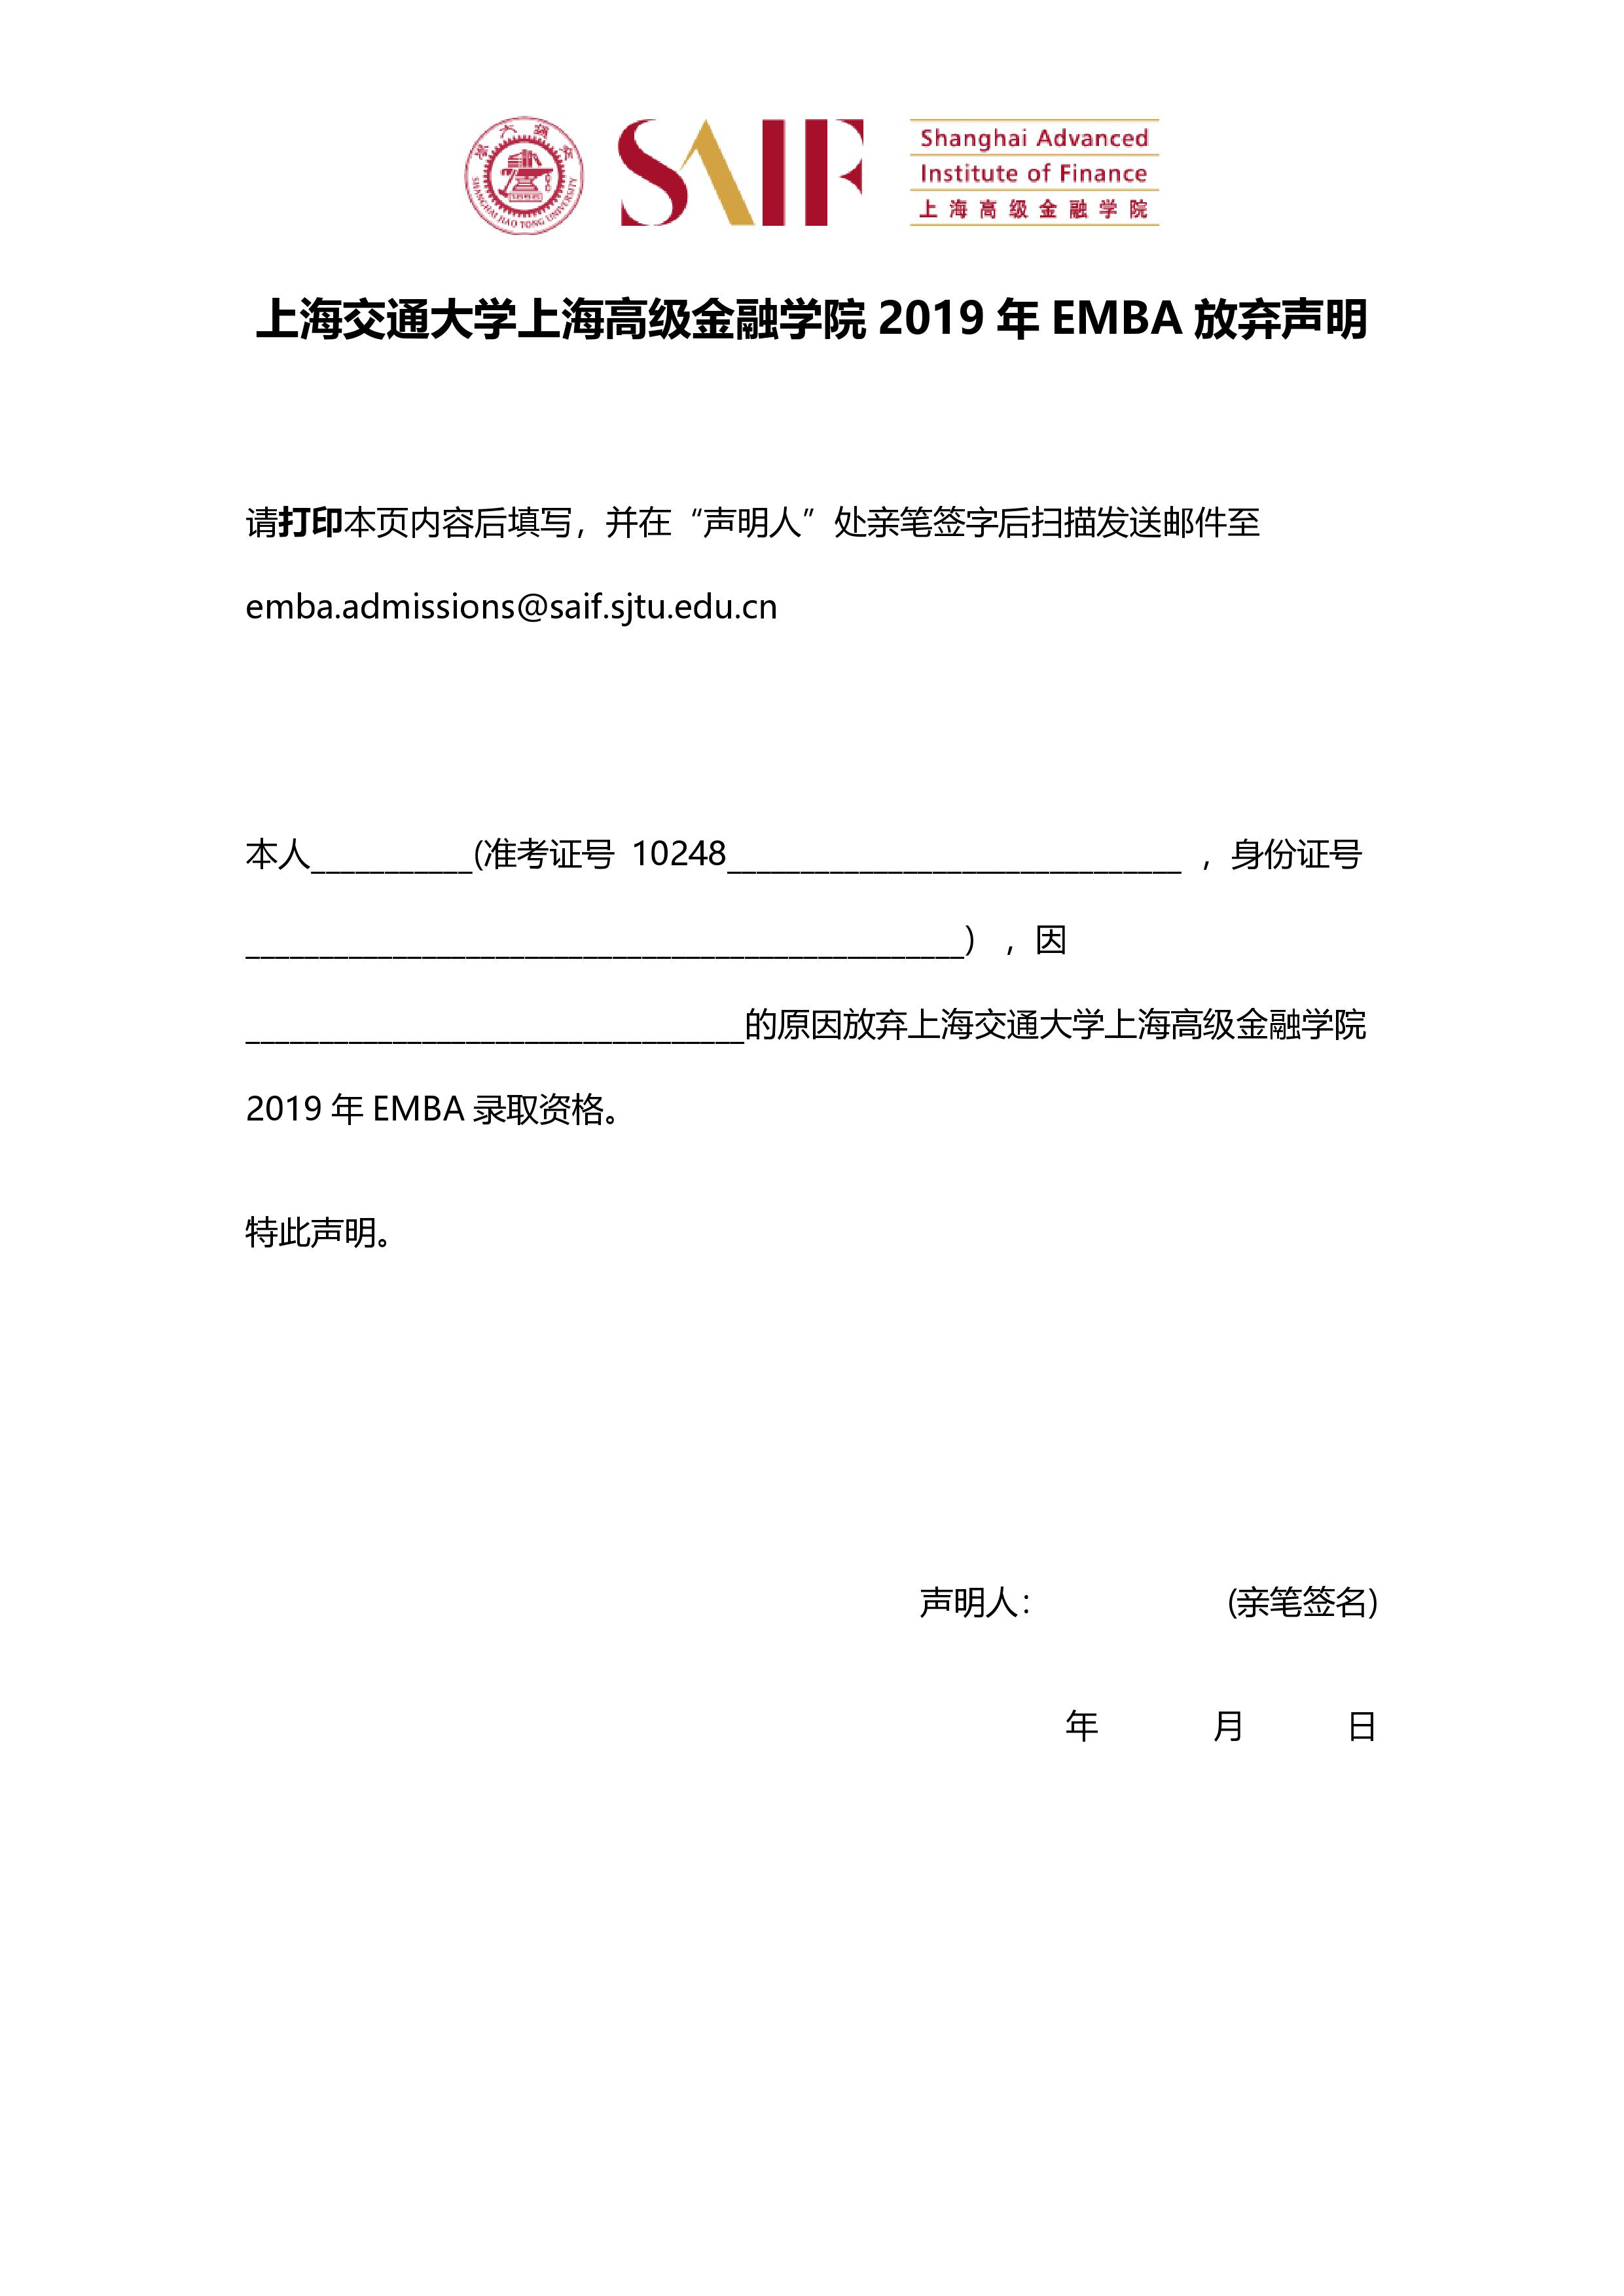 上海交通大学上海高级金融学院2019年EMBA放弃声明